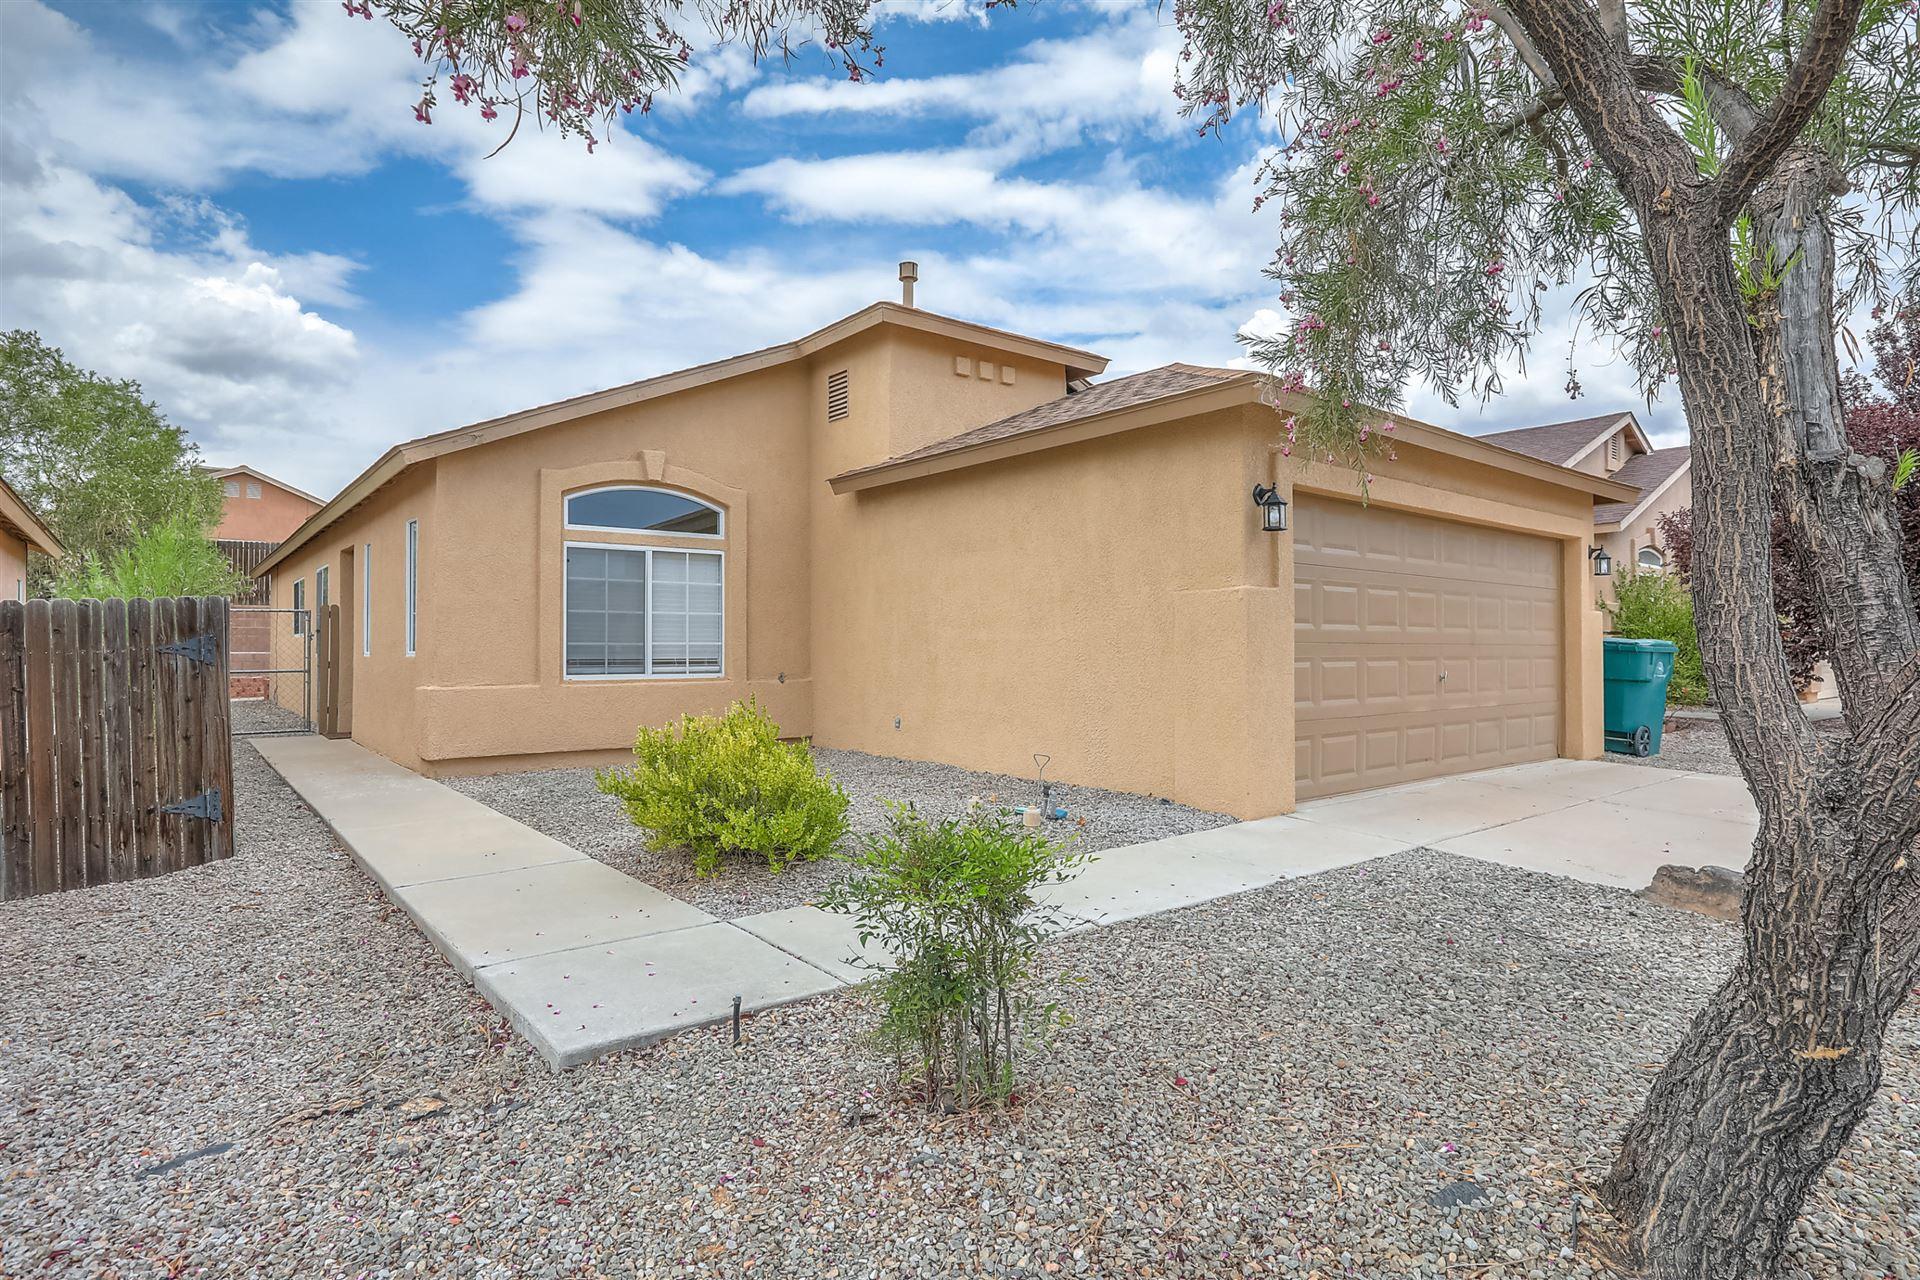 Photo of 7009 Angela Drive NE, Rio Rancho, NM 87144 (MLS # 971732)